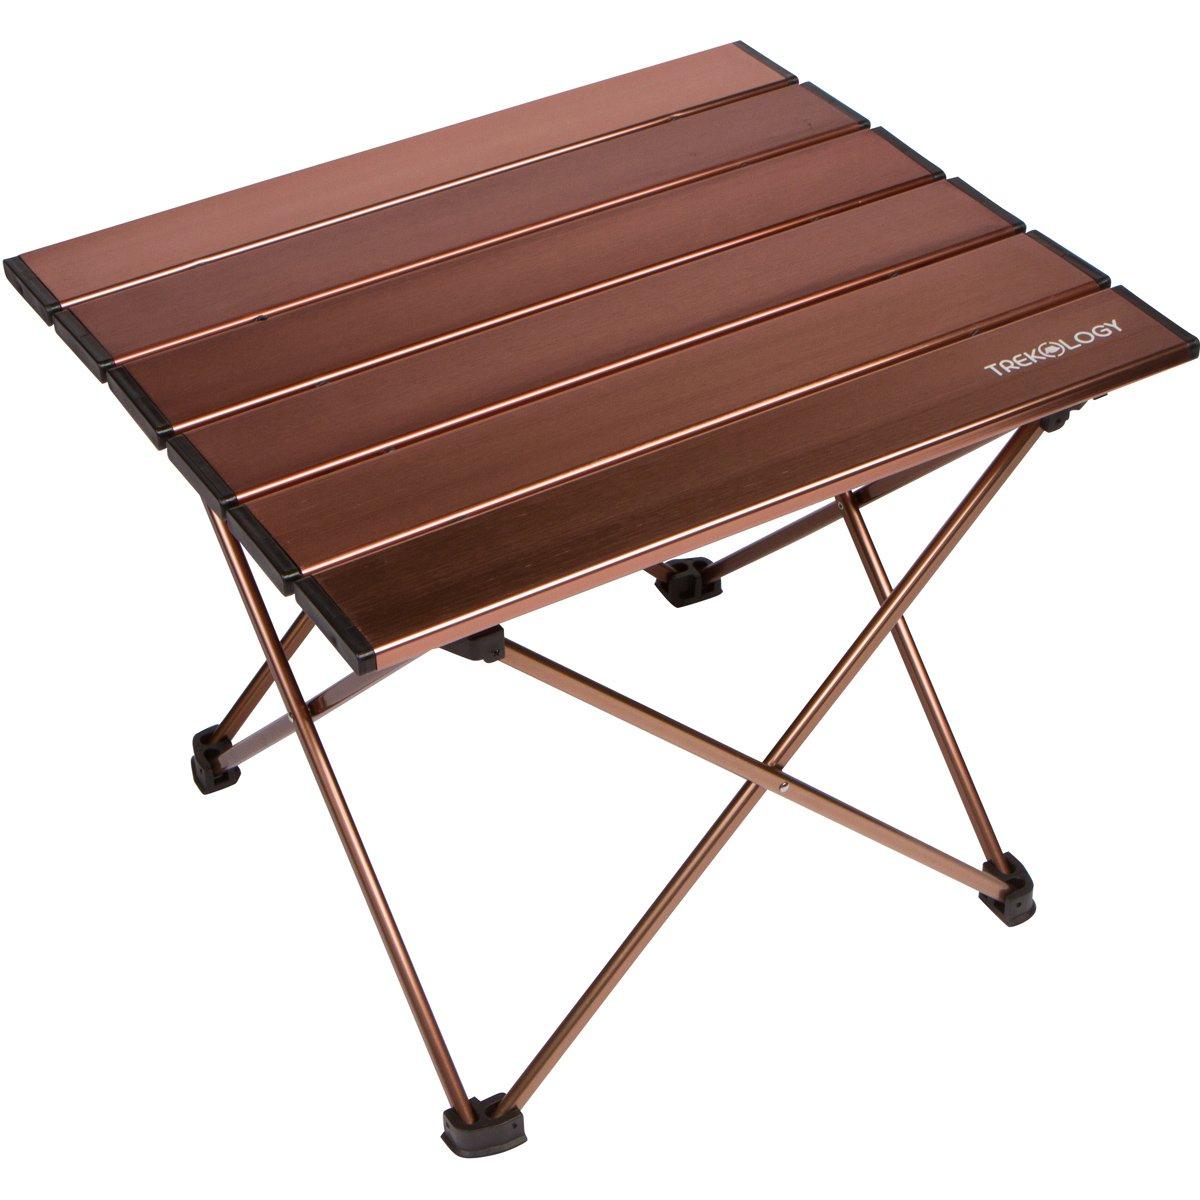 Trekologyポータブルキャンプテーブルwithアルミニウムテーブルトップ、hard-topped折り畳みテーブルバッグでのピクニック、キャンプ、ビーチ、ボート、ダイニングに便利です& Cooking with Burner、簡単に掃除 B01HJ234C2 Large|ブラウン ブラウン Large